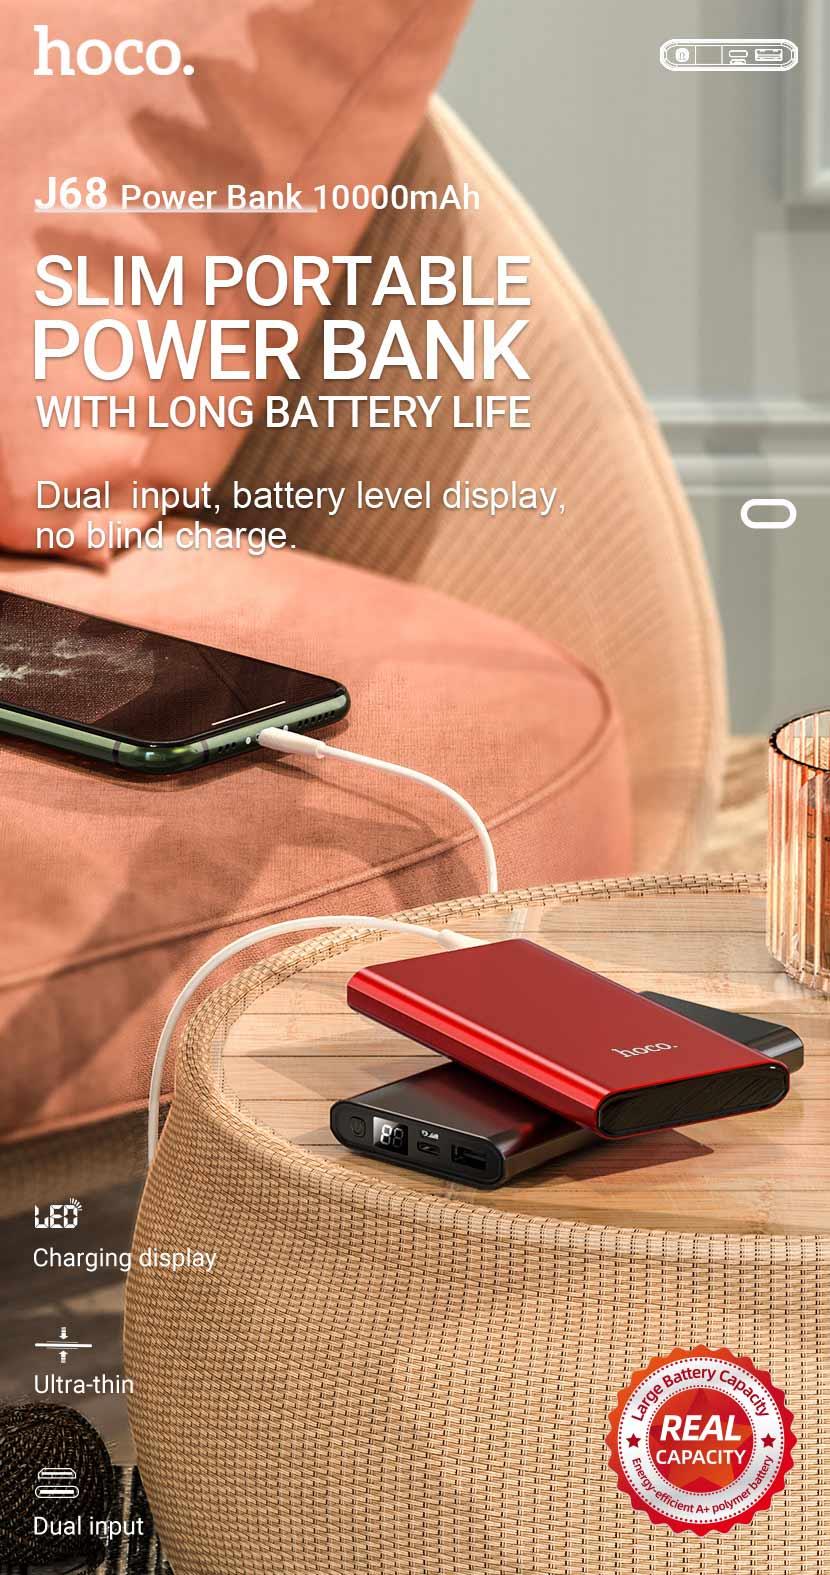 hoco news j68 resourceful digital display power bank 10000mah en